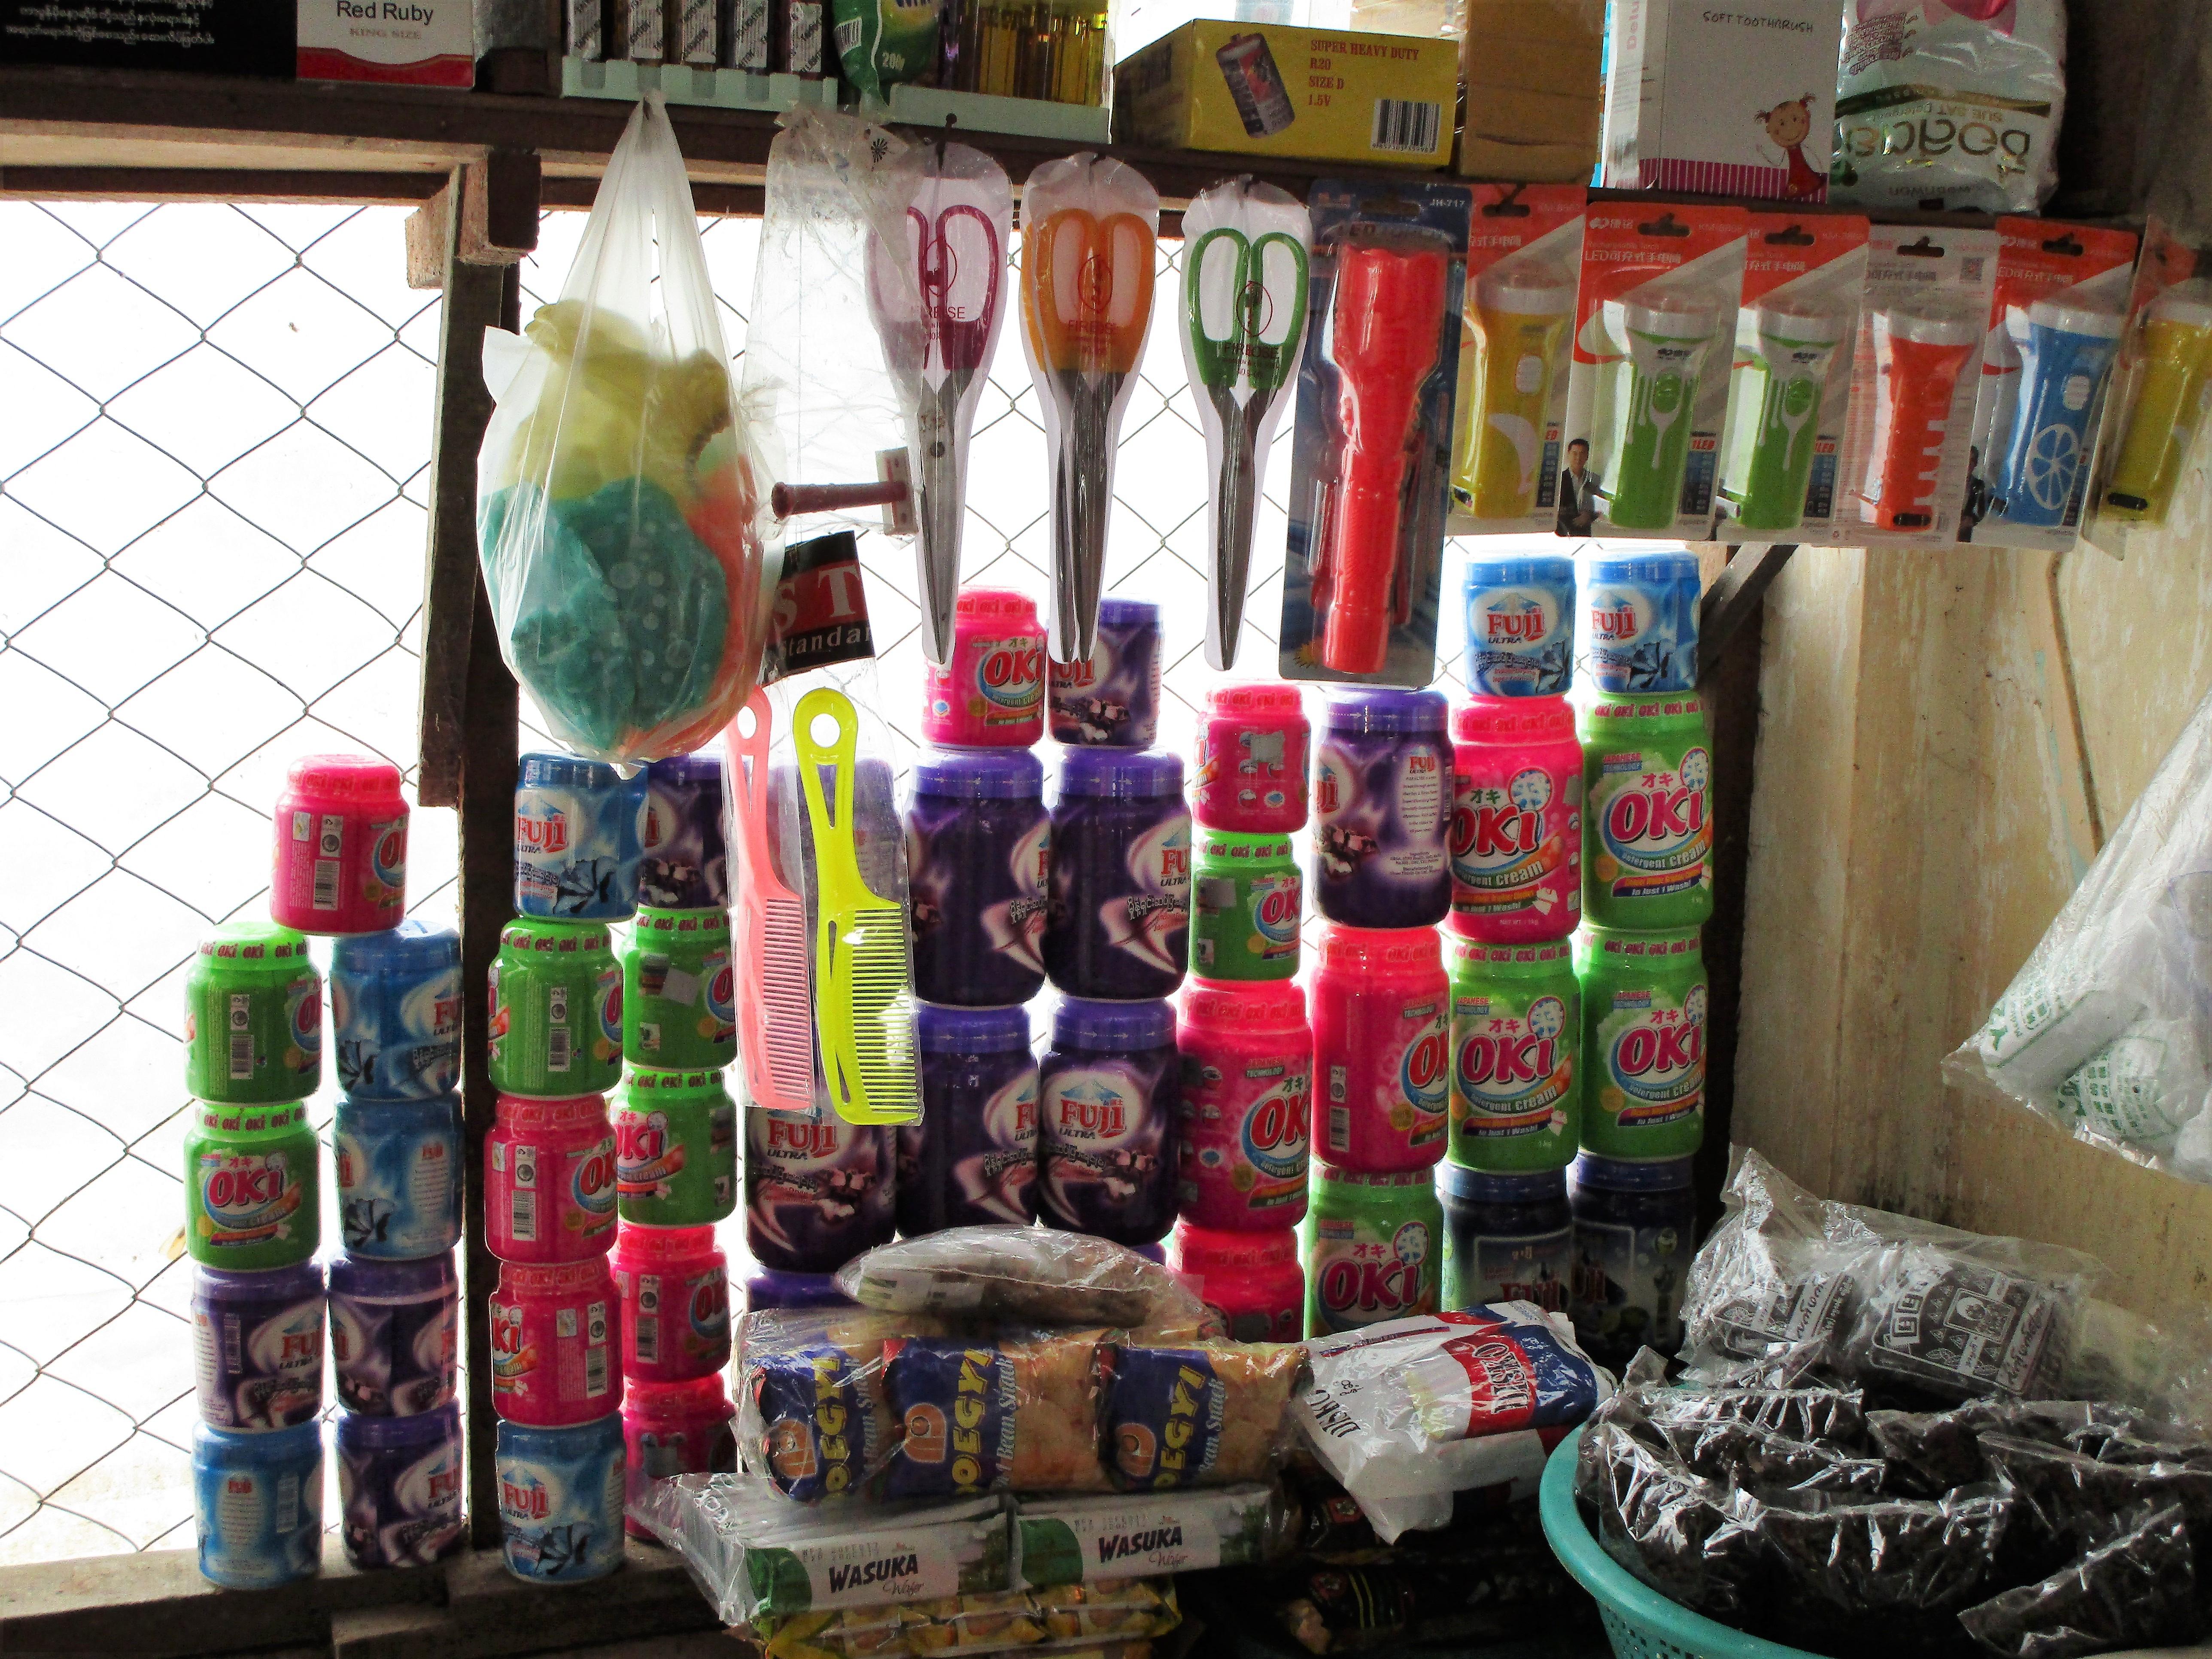 ミャンマーの雑貨屋の店内、商品